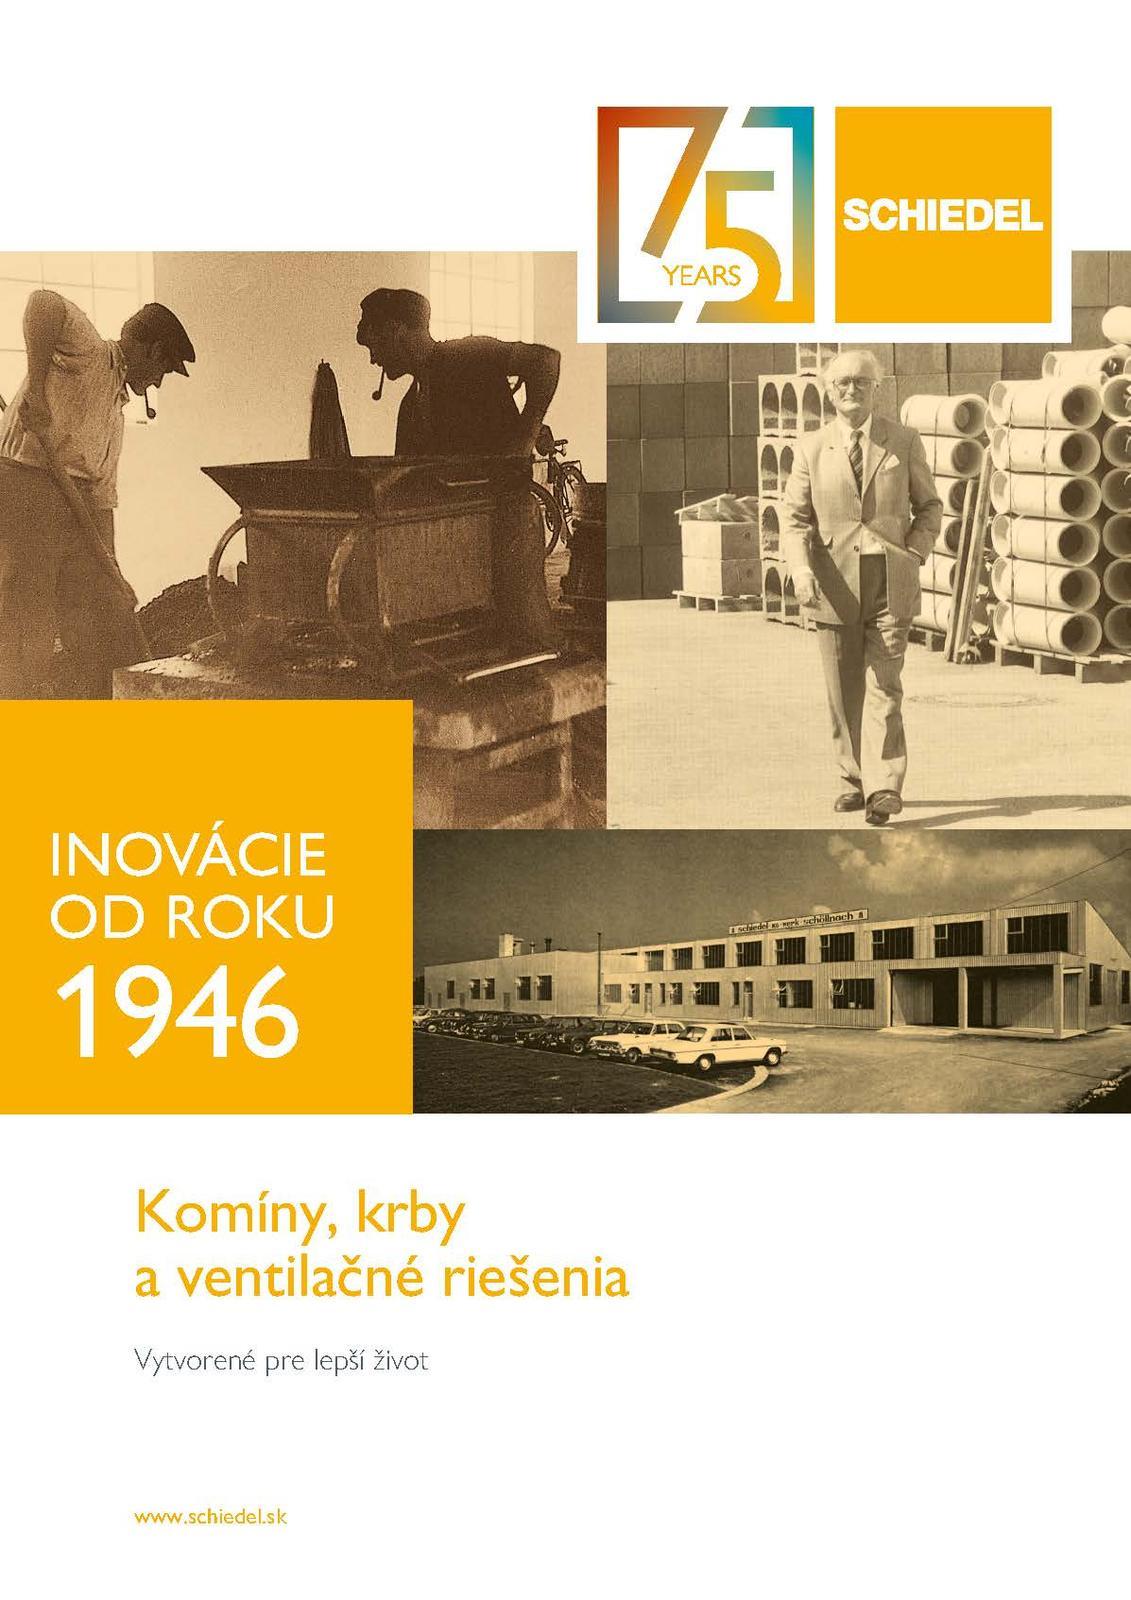 75. rokov fy Schiedel - Obrázok č. 1